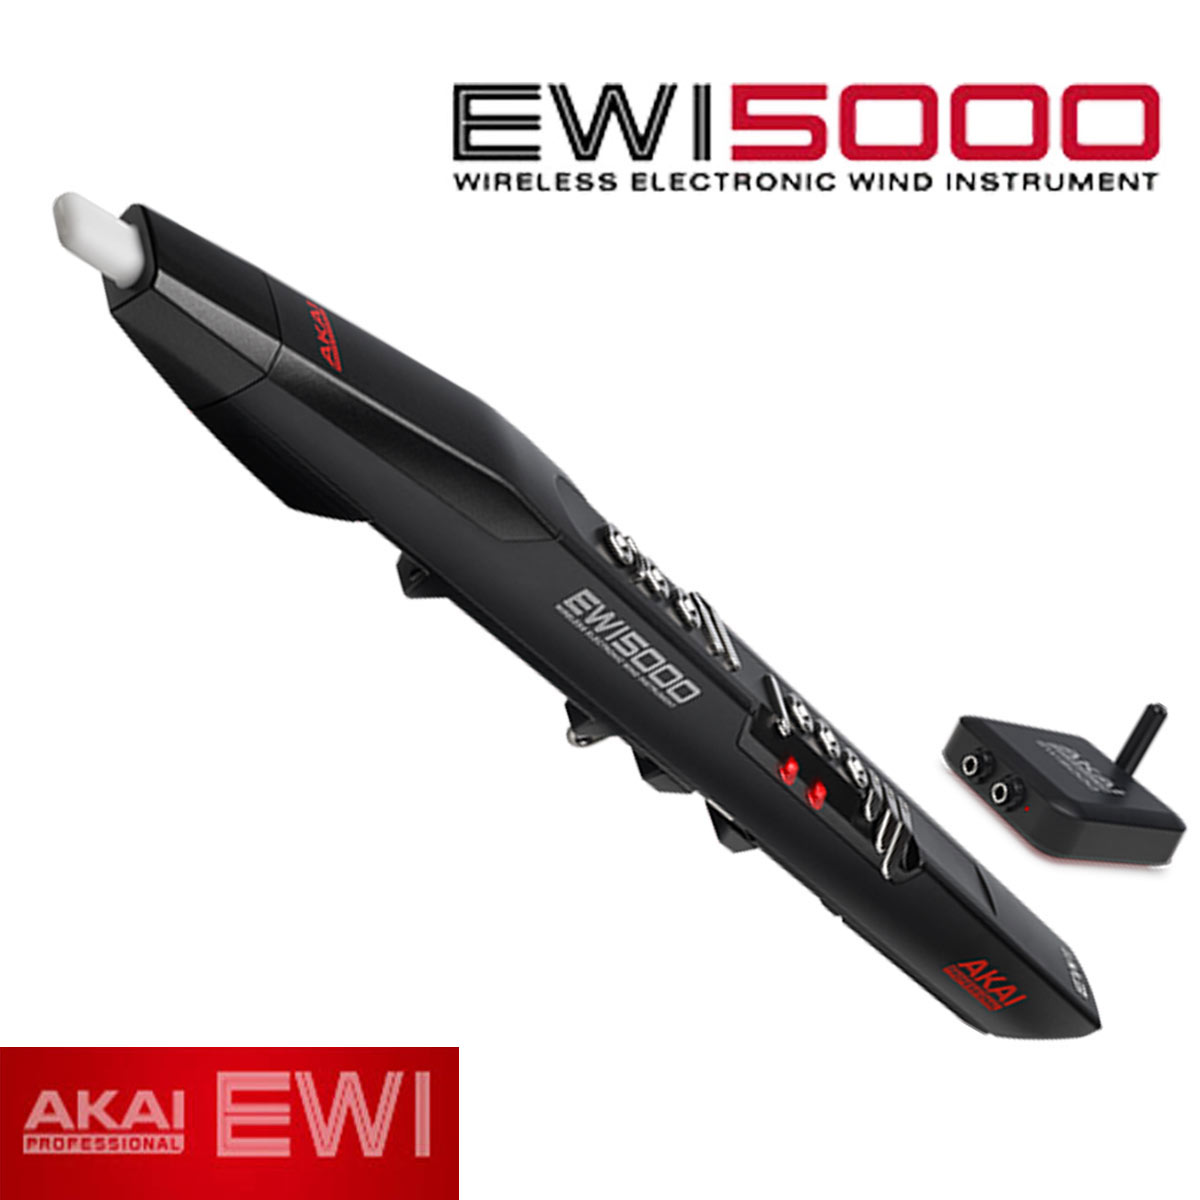 【在庫あり】AKAI professional / EWI-5000 アカイ ウィンドシンセ EWI5000《正規品》